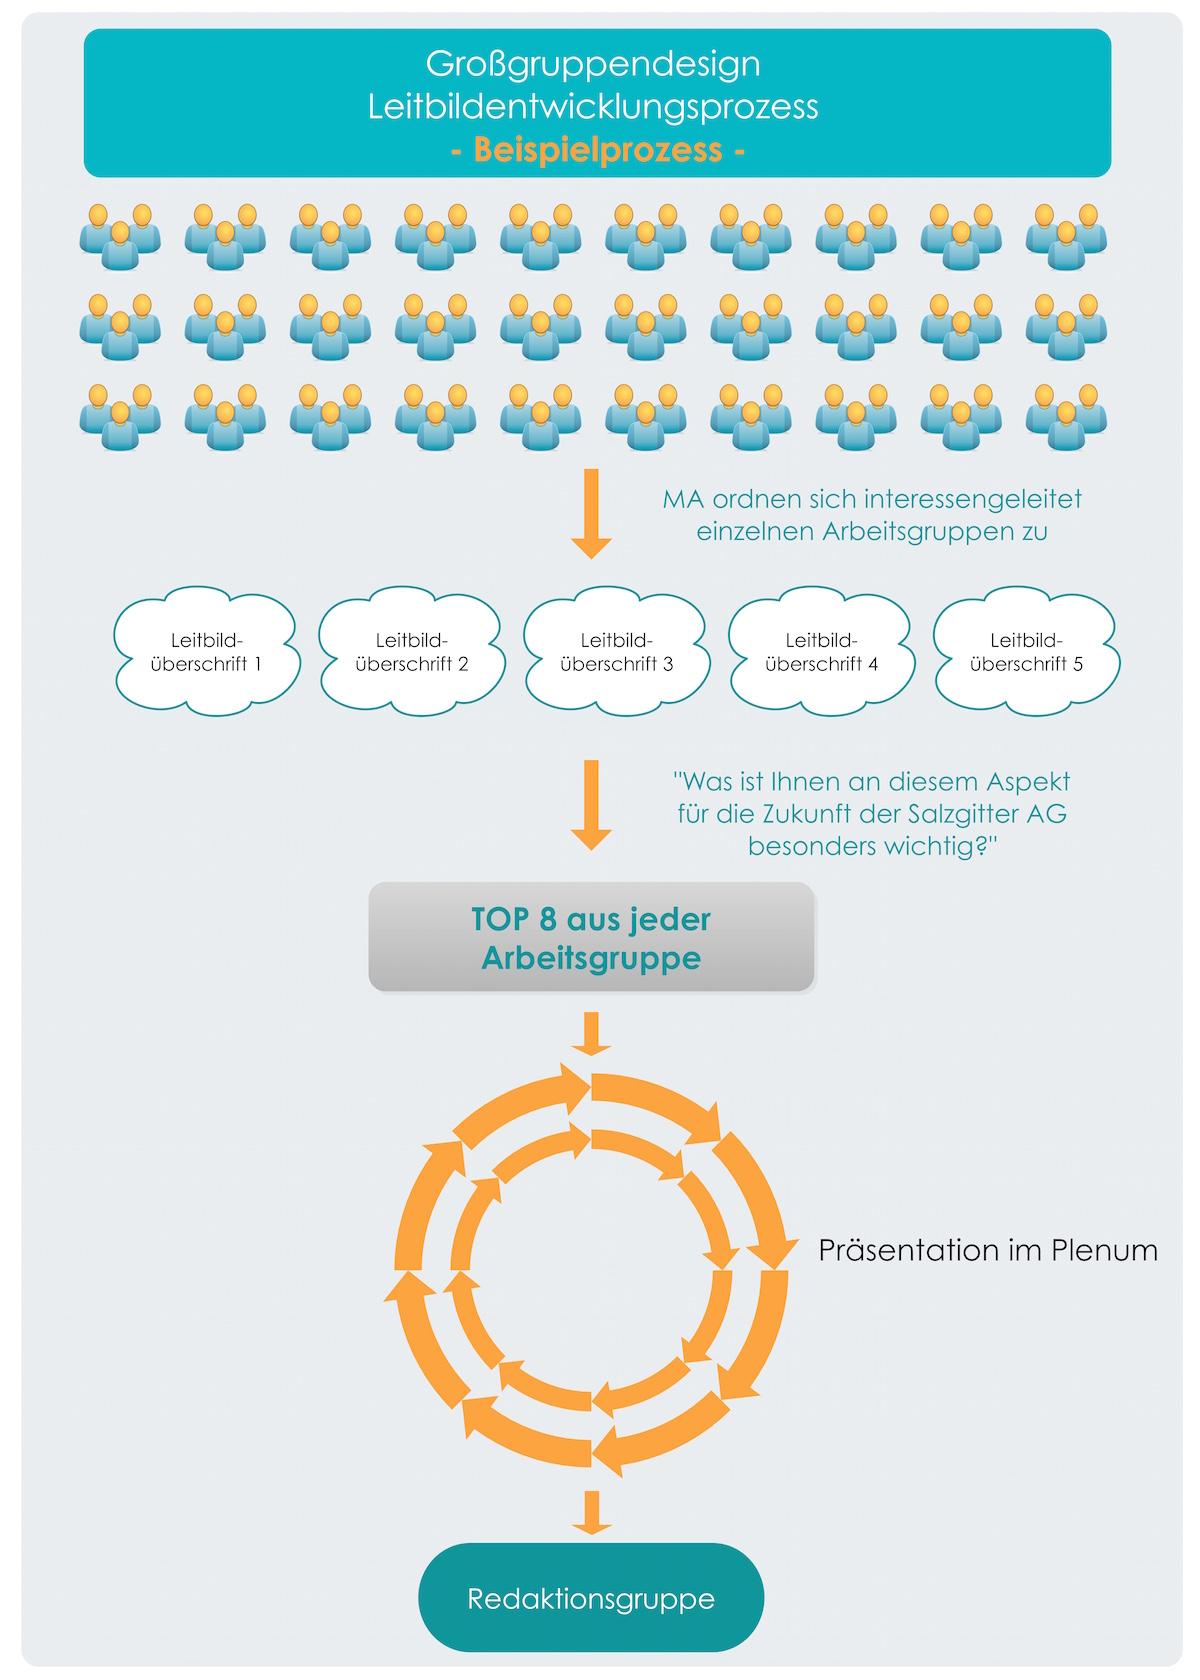 ergebnisse verabschieden - Unternehmensleitbild Beispiele